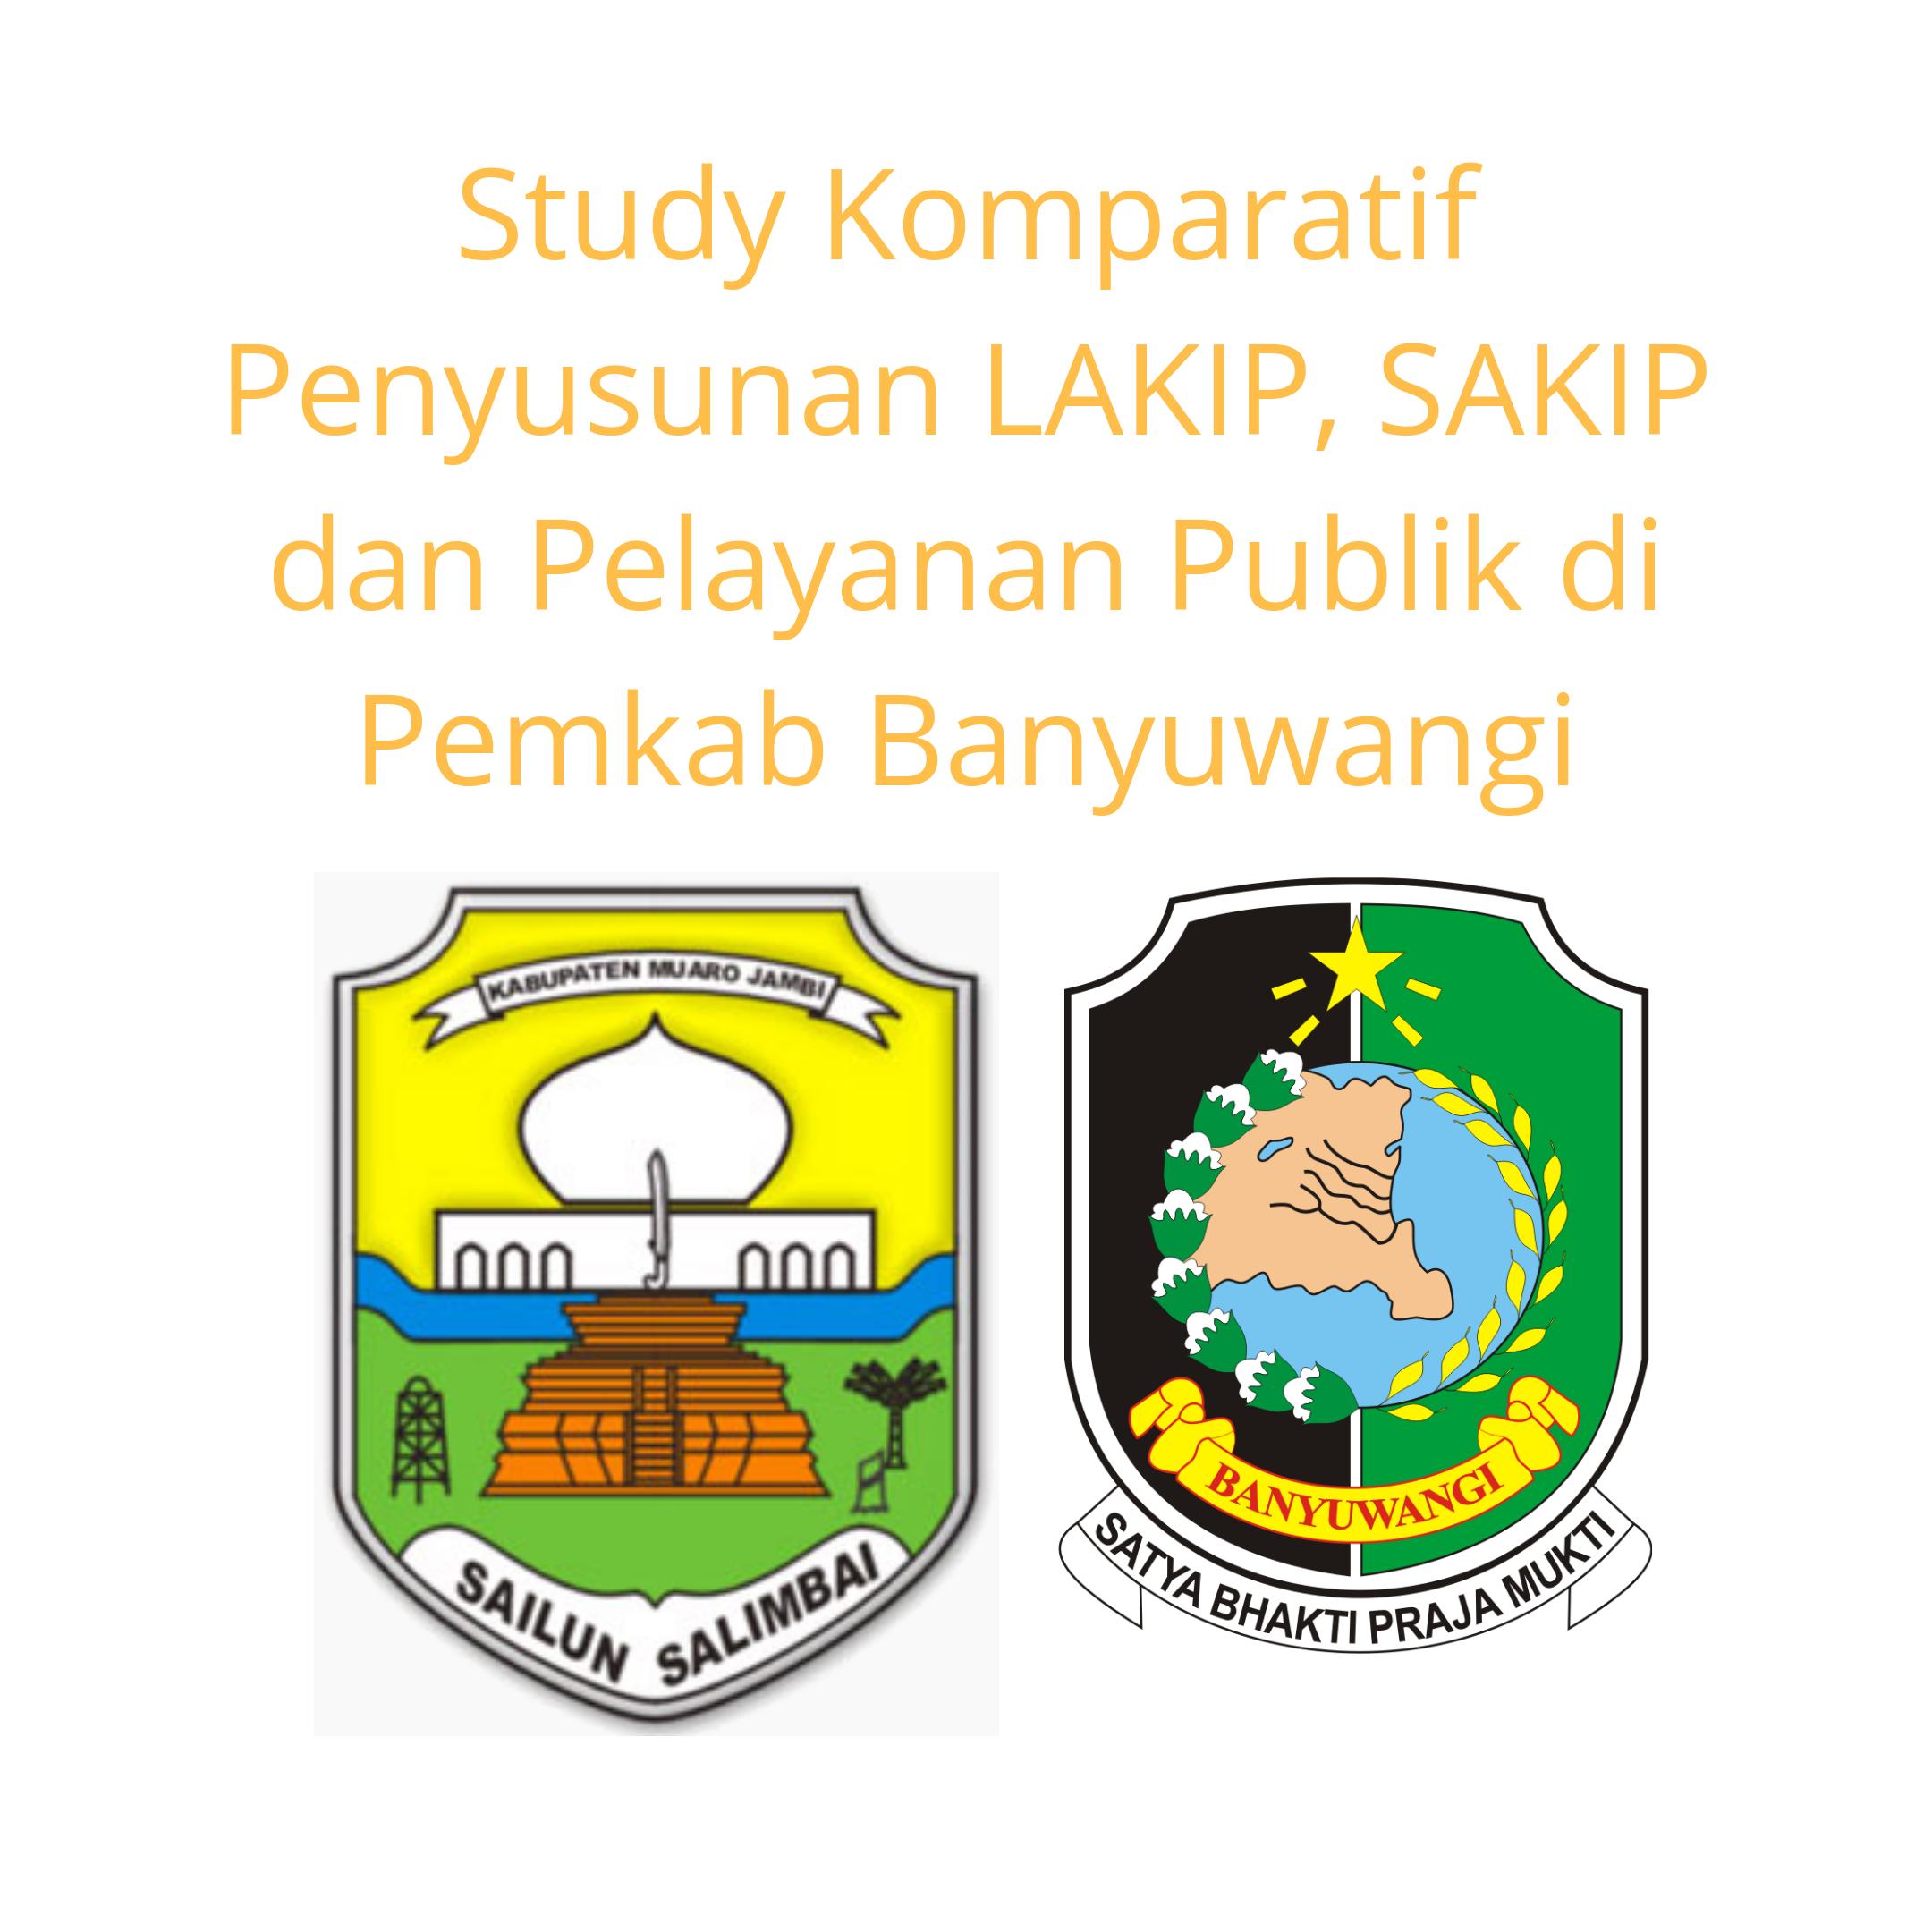 Study Komparatif Penyusunan Laporan Kinerja, SAKIP dan Pelayanan Publik Ke Kabupaten Banyuwangi